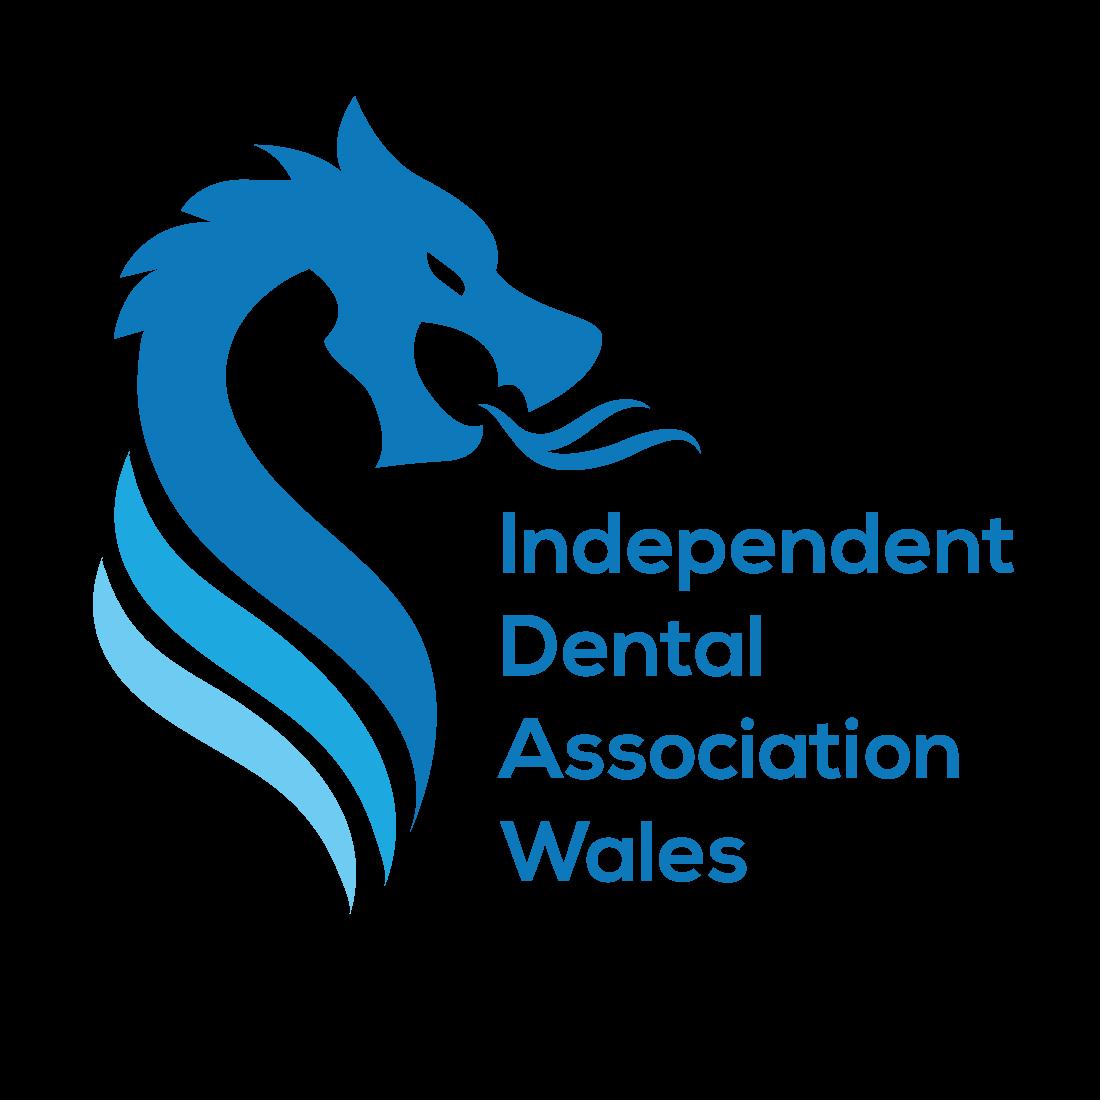 Independent Dental Association of Wales